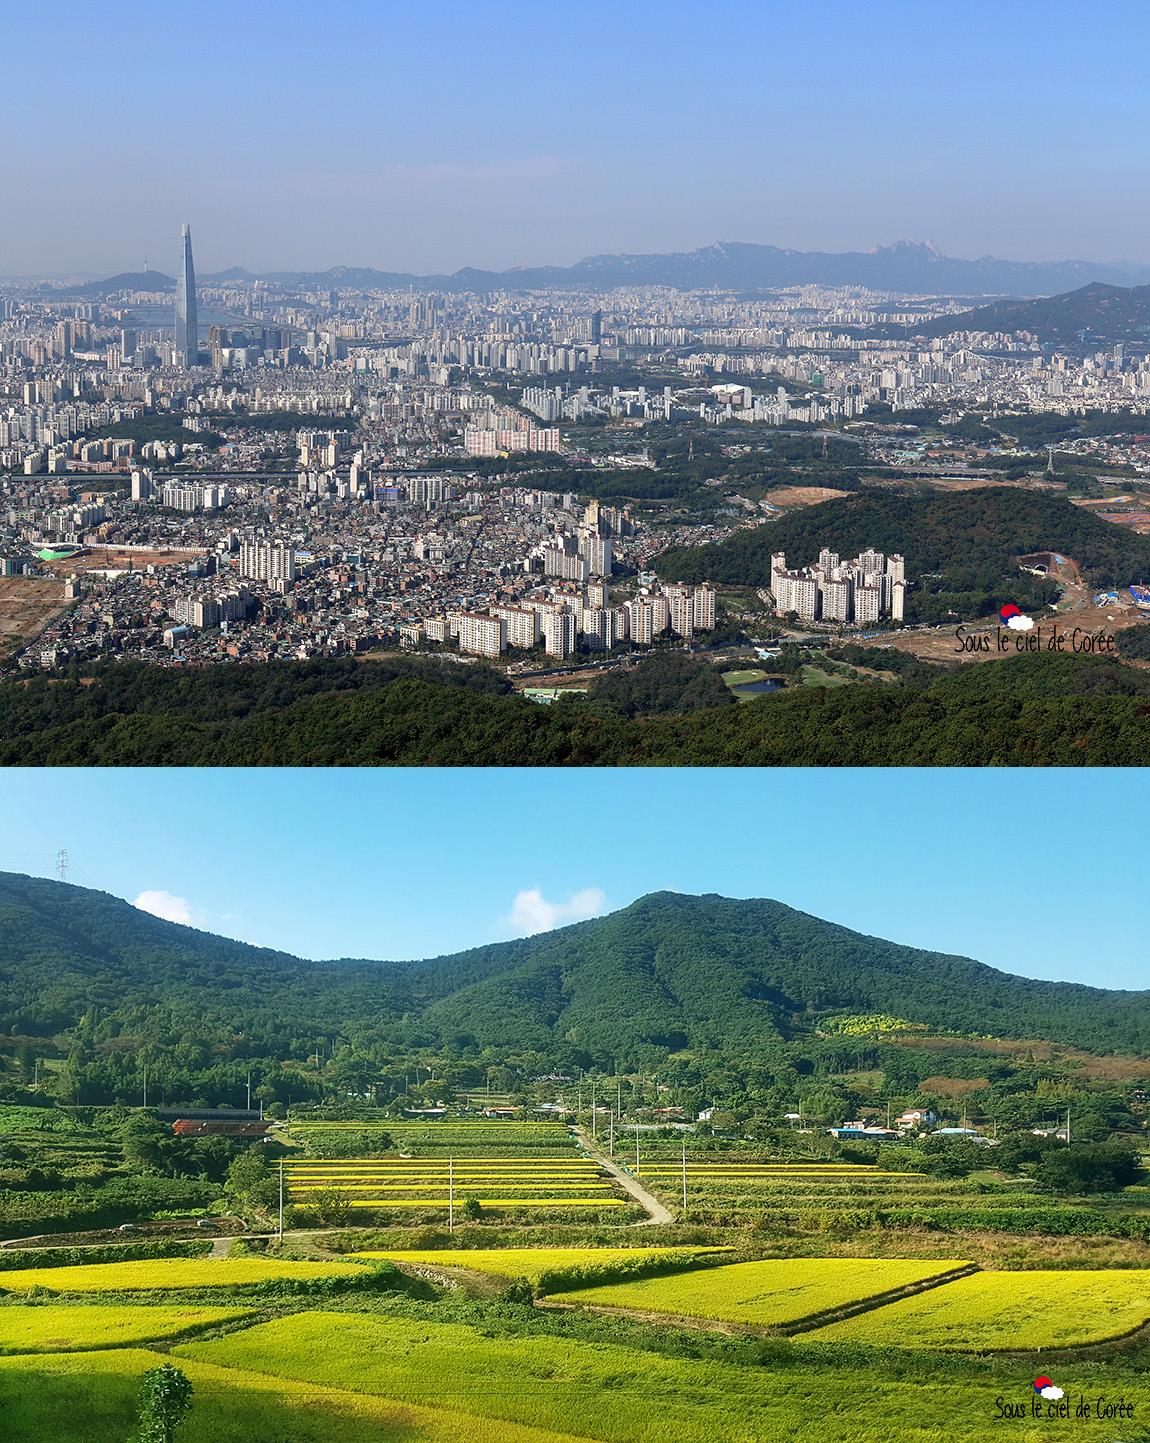 Corée du Sud ville ou campagne